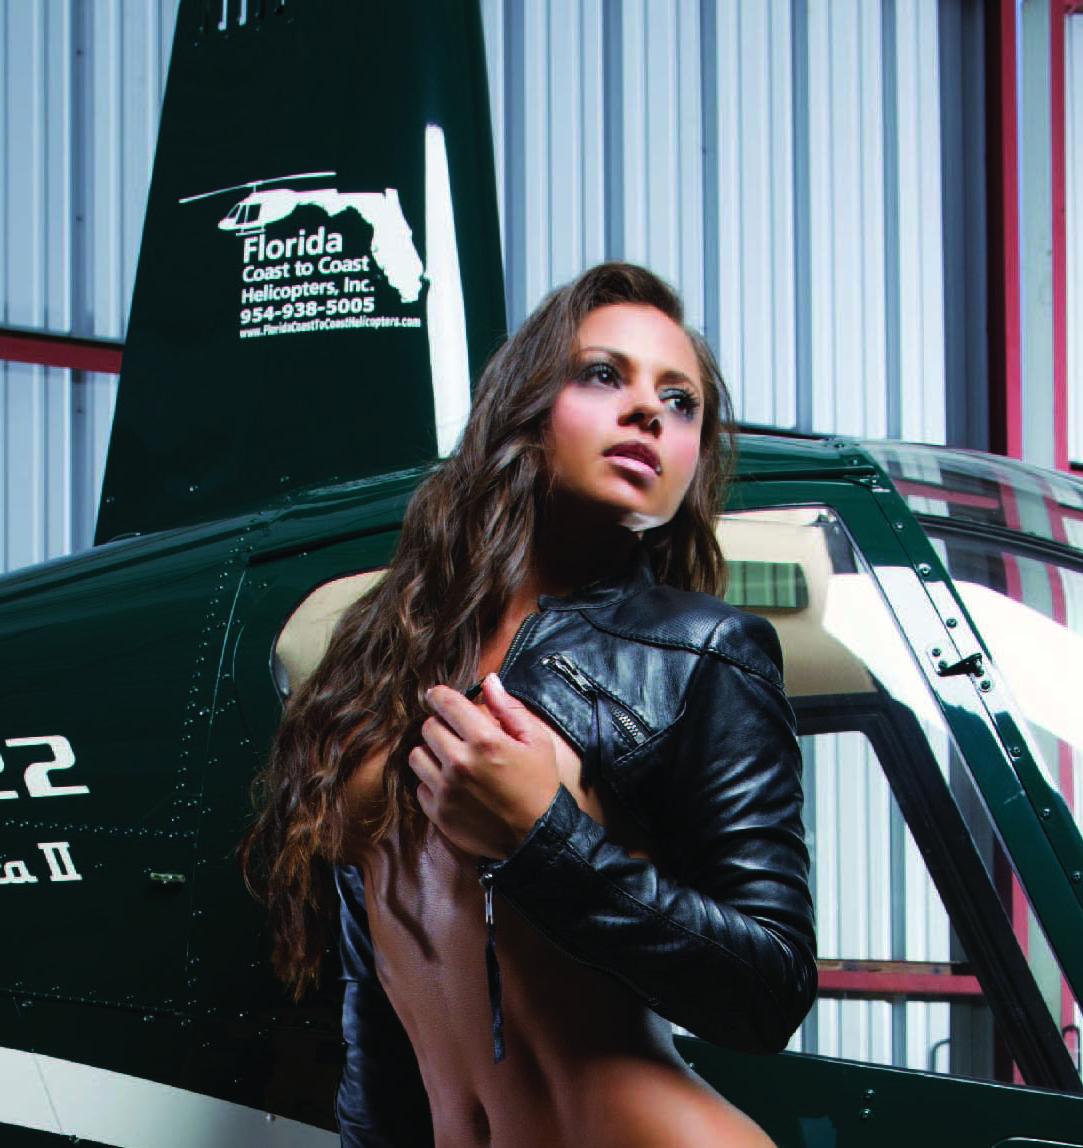 Fotos de calendario 2012 sandra martinez 57